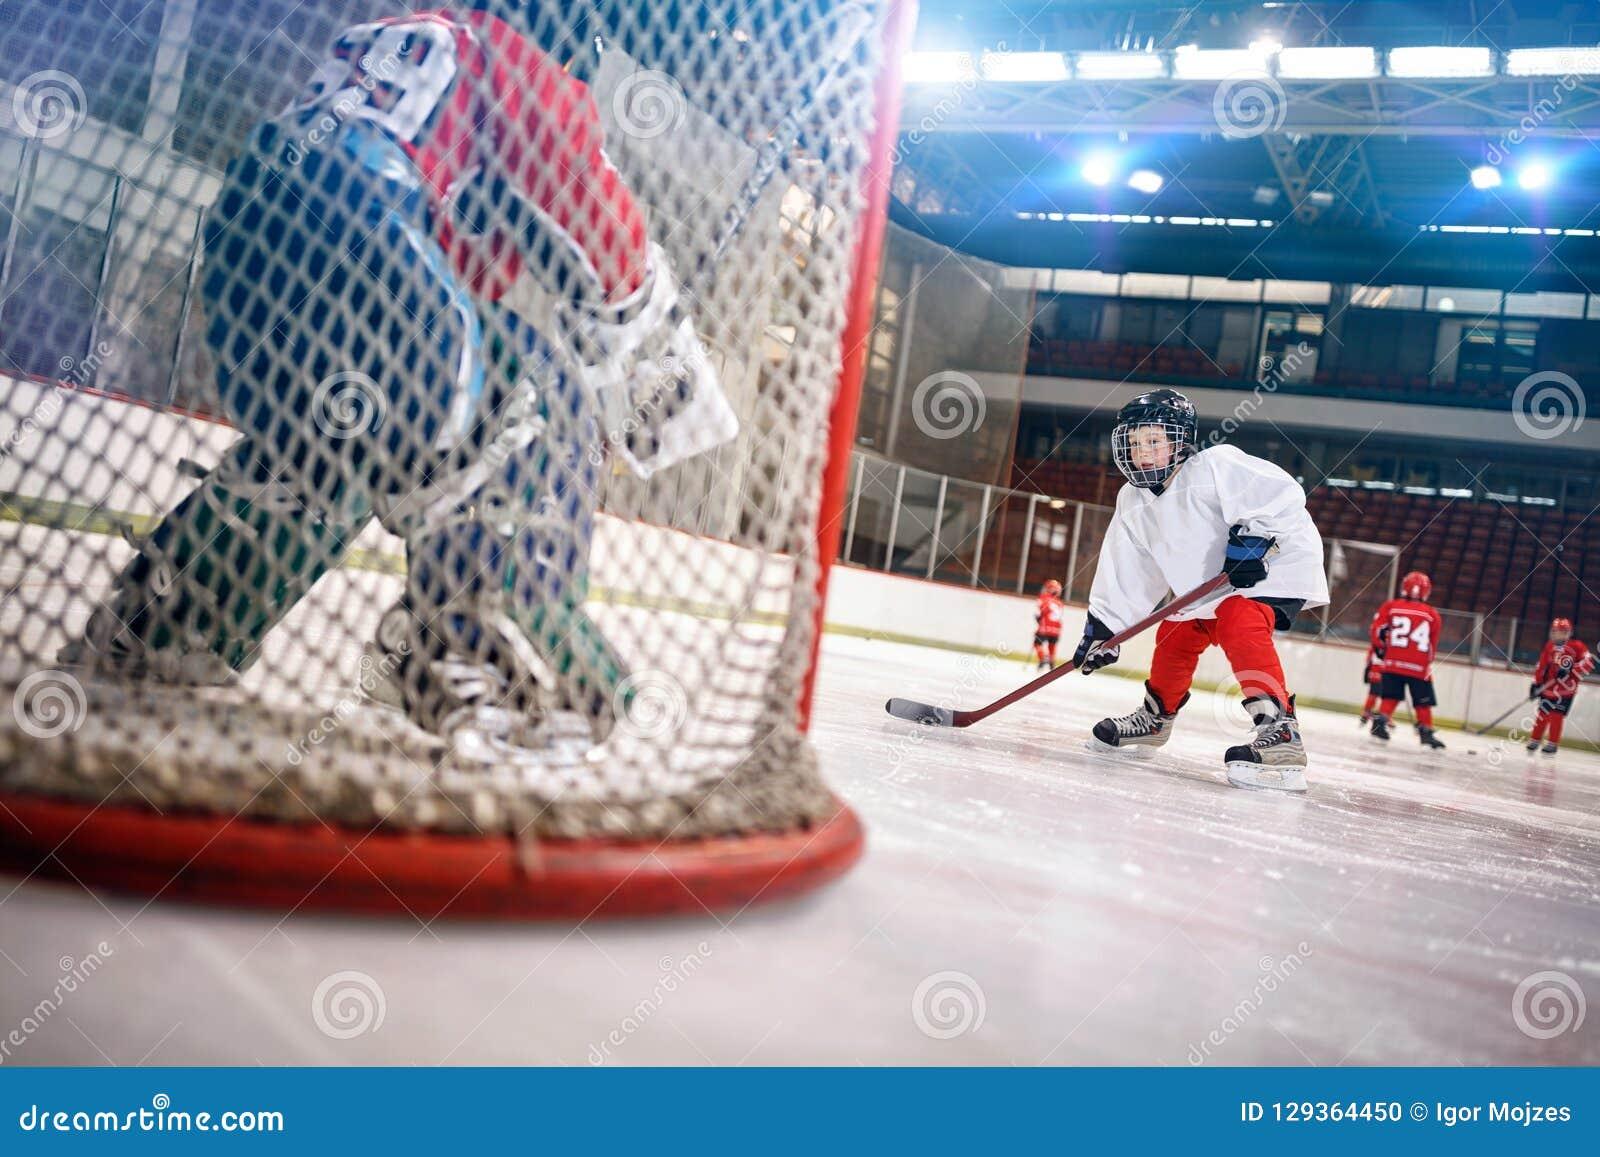 Hokeja na lodzie gracz strzela krążek hokojowego na celu